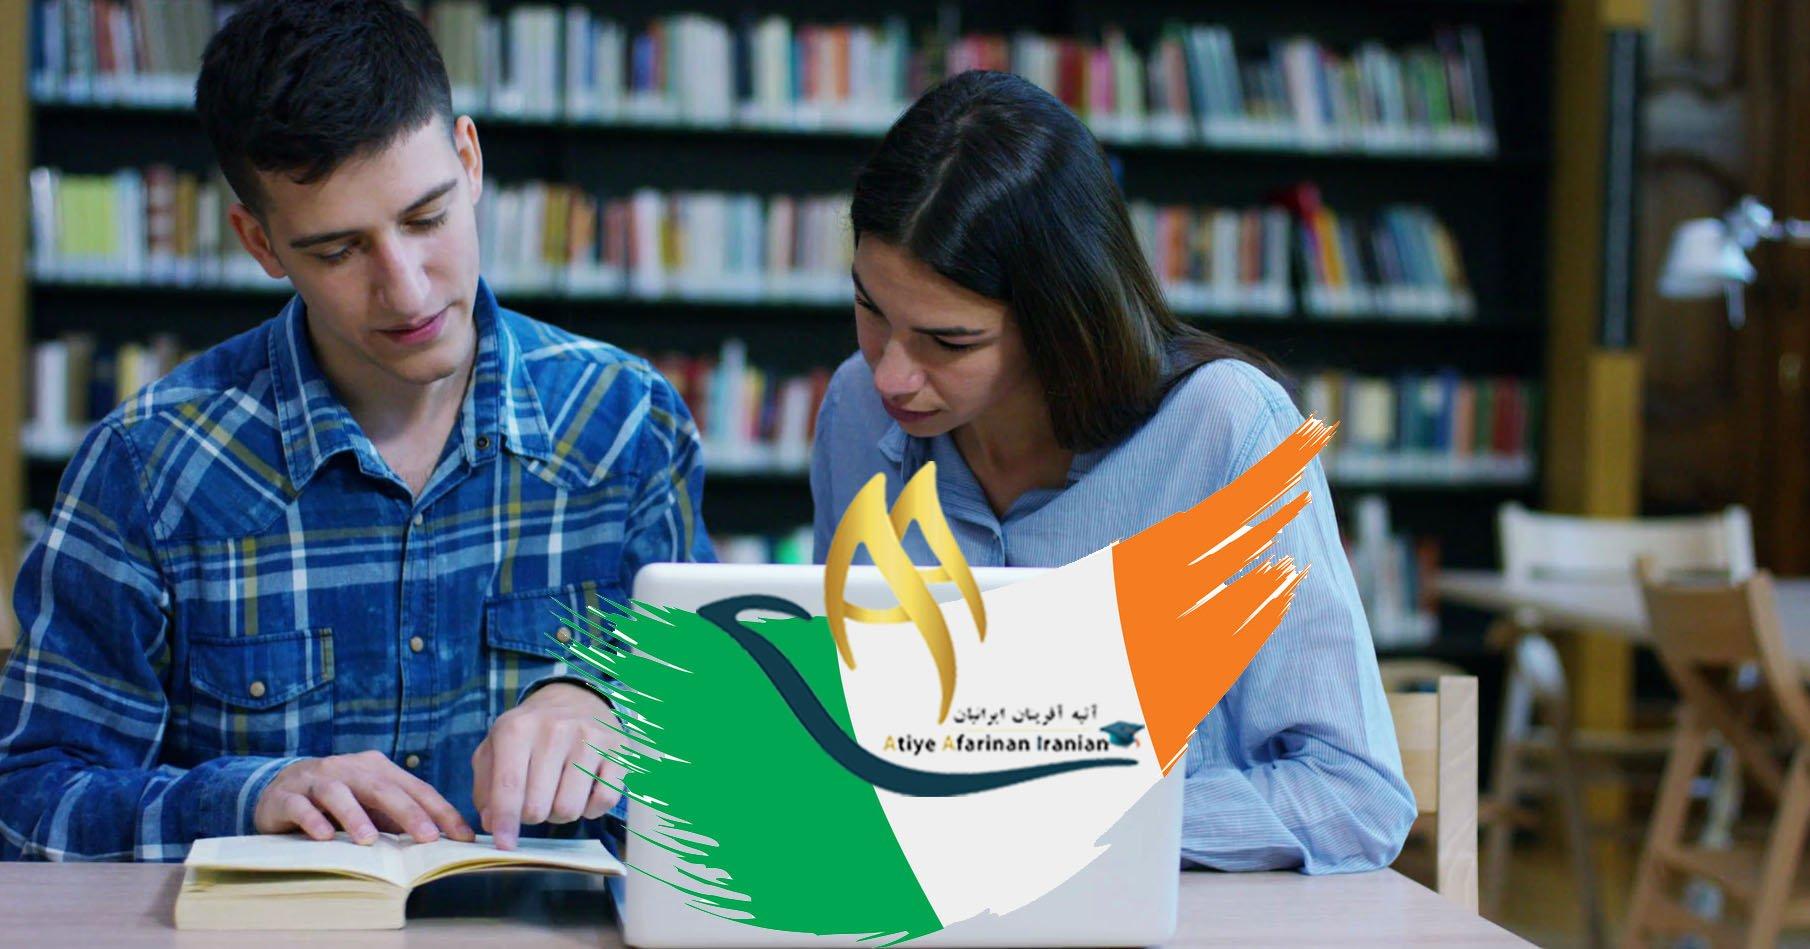 مدارک مورد نیاز برای اخذ ویزای تحصیلی ایرلند